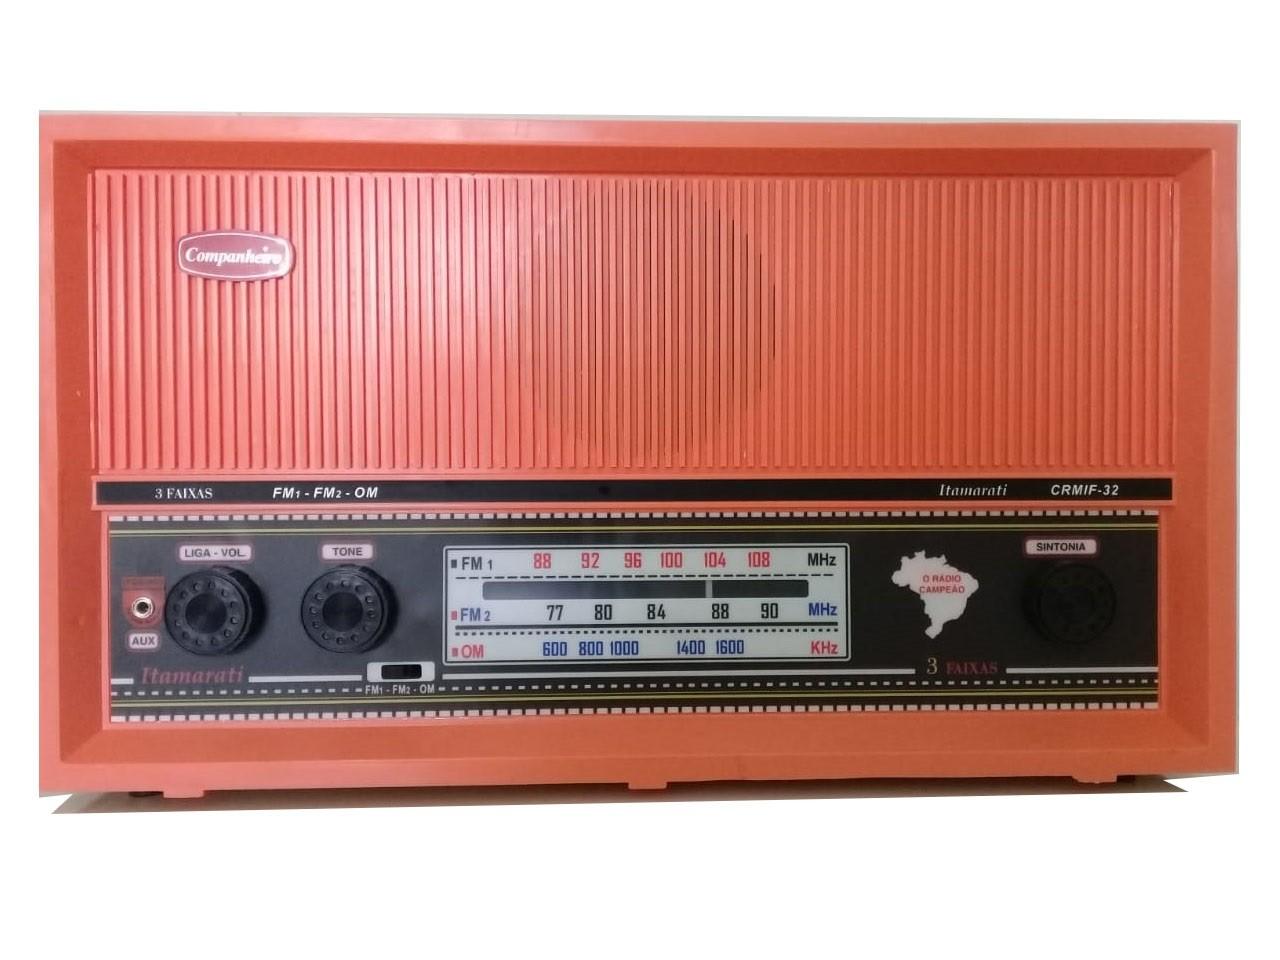 Radio Companheiro Madeira Vintage Retrô Itamarati 3 Faixas AM FM e FMW - CRMIF-31 SALMÃO